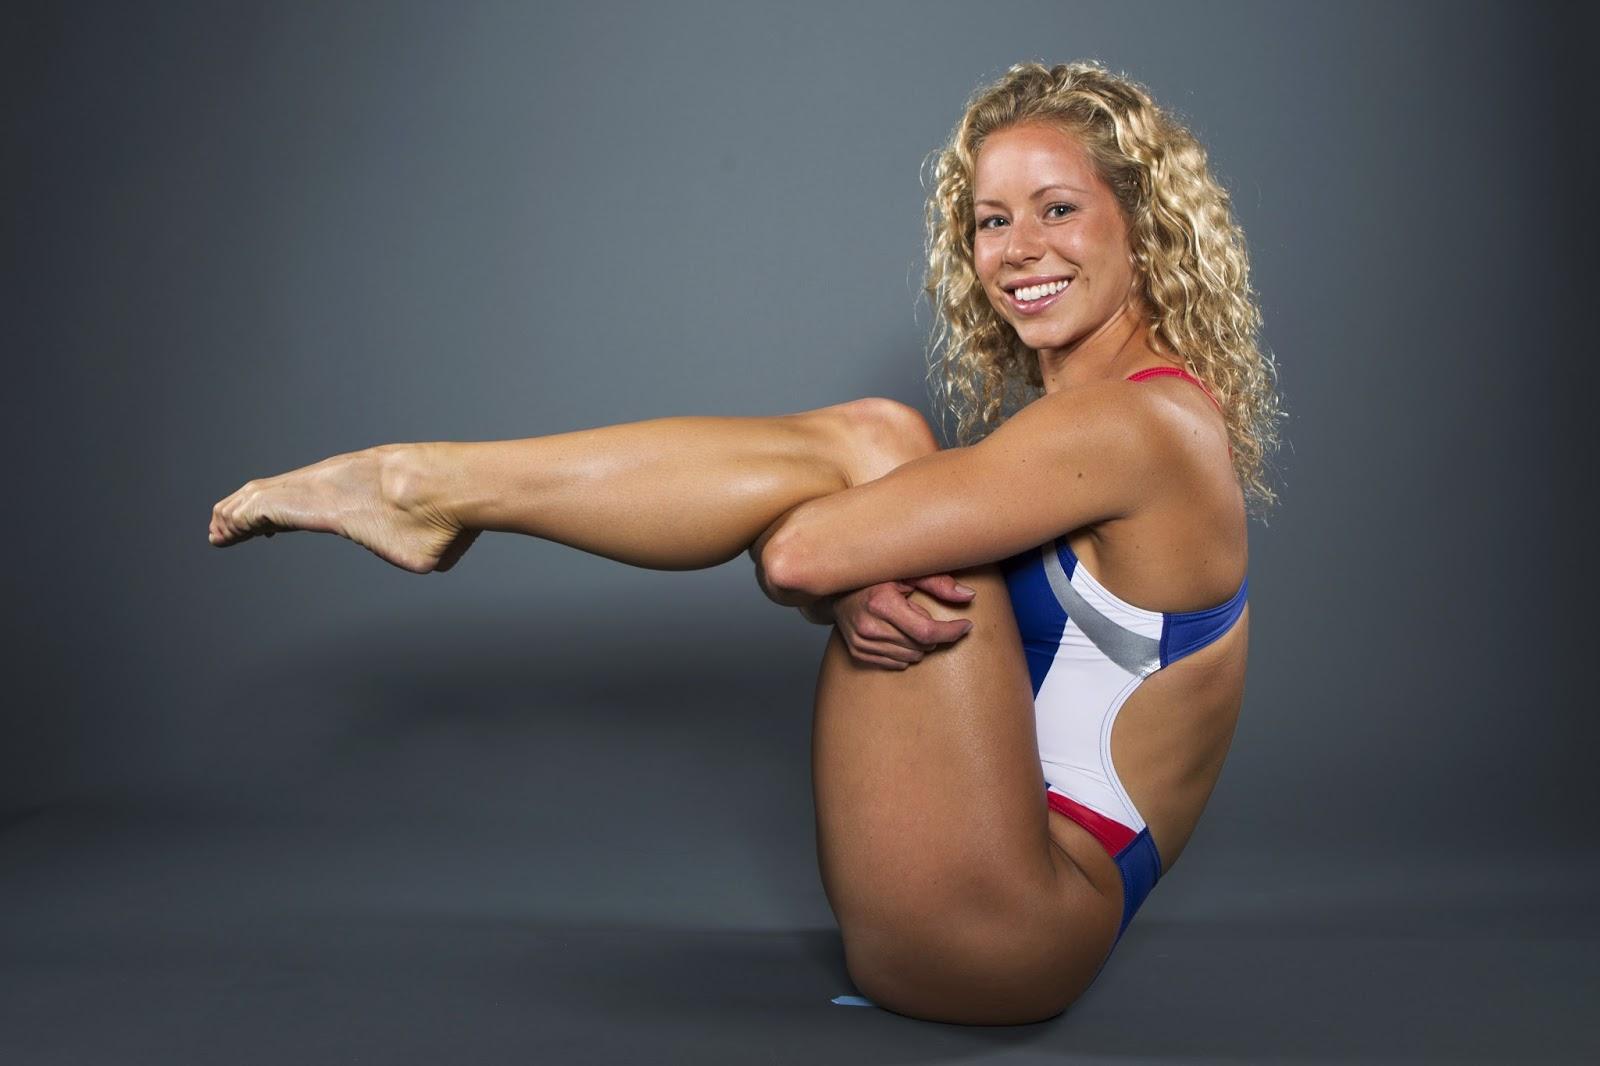 Ххх спортсменки ххх, Порно со спортсменками, секс с голыми гимнастками 3 фотография